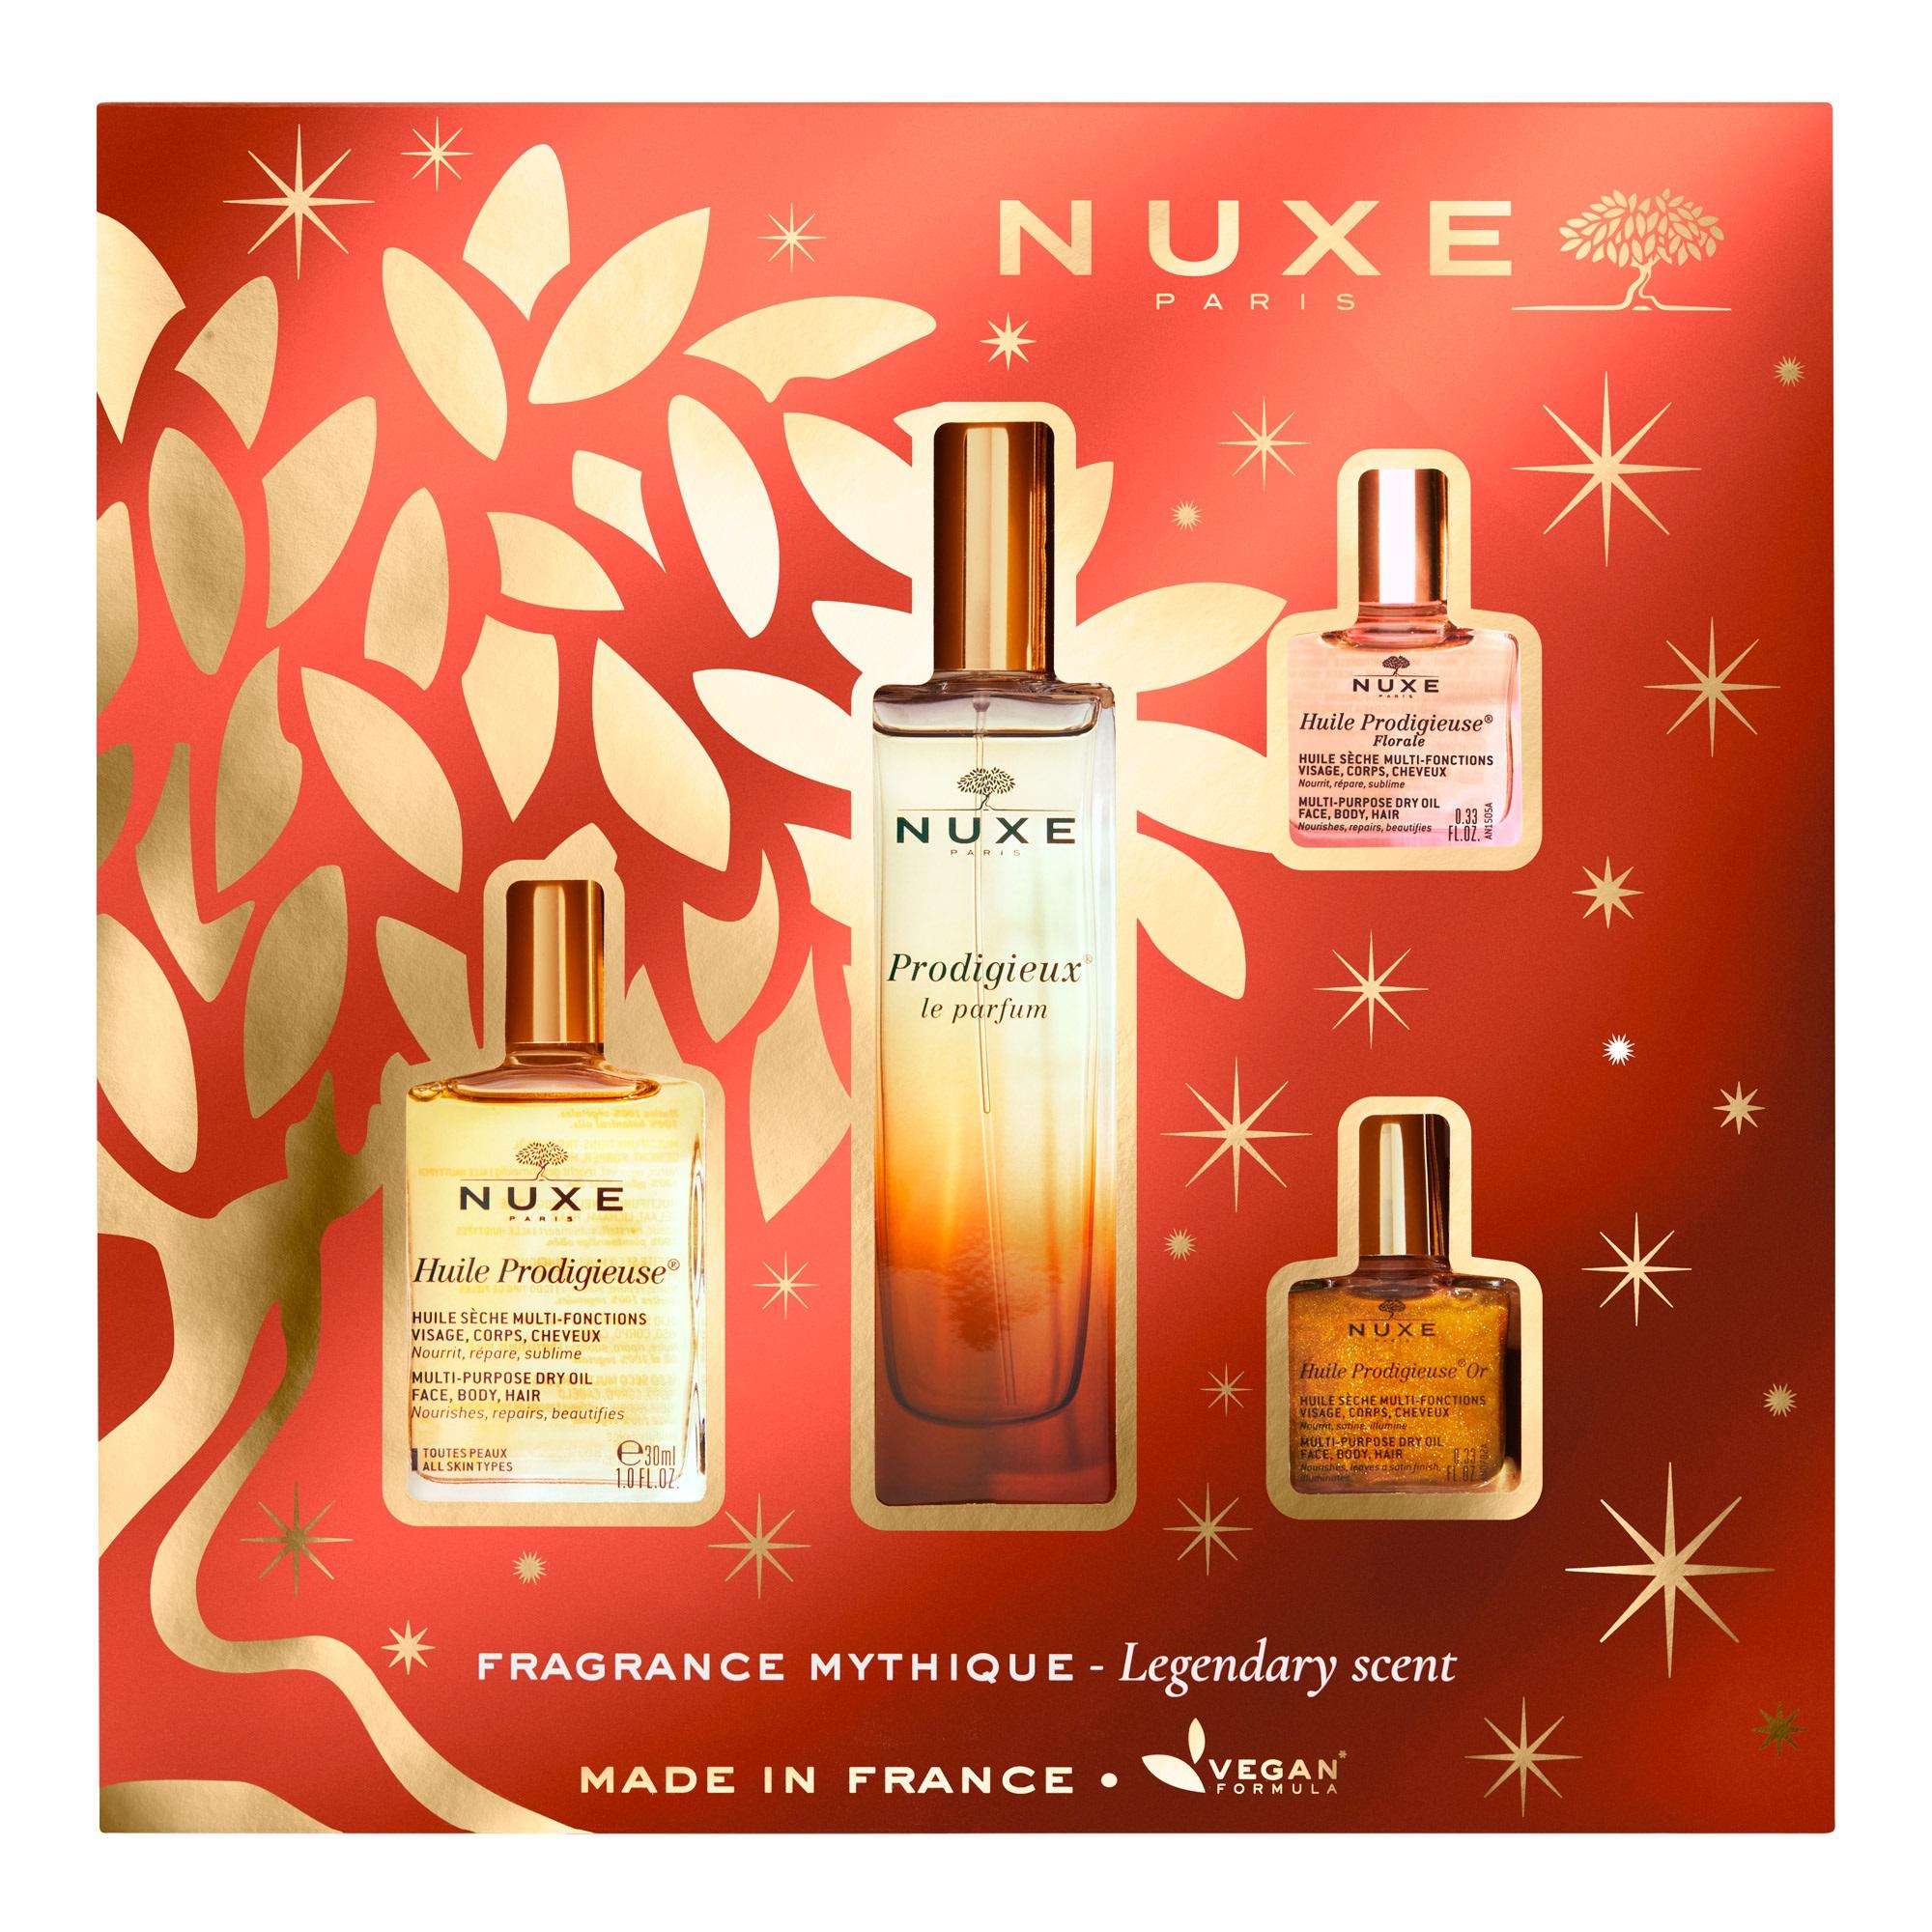 Image of Coffret de Noël Nuxe Fragrance Mythique